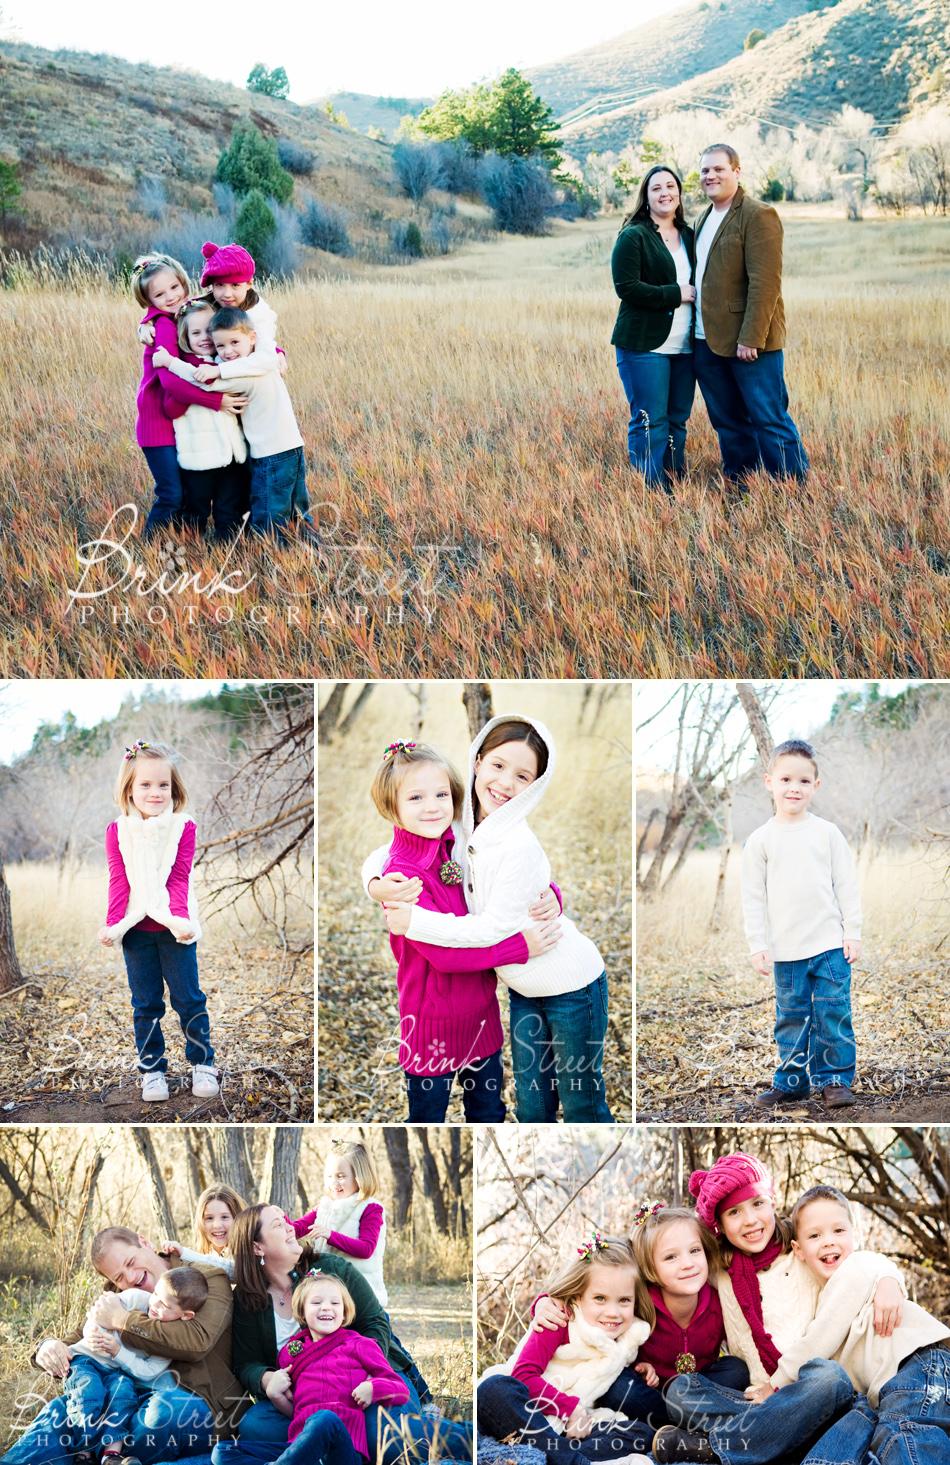 Denver Family Fun Photographer